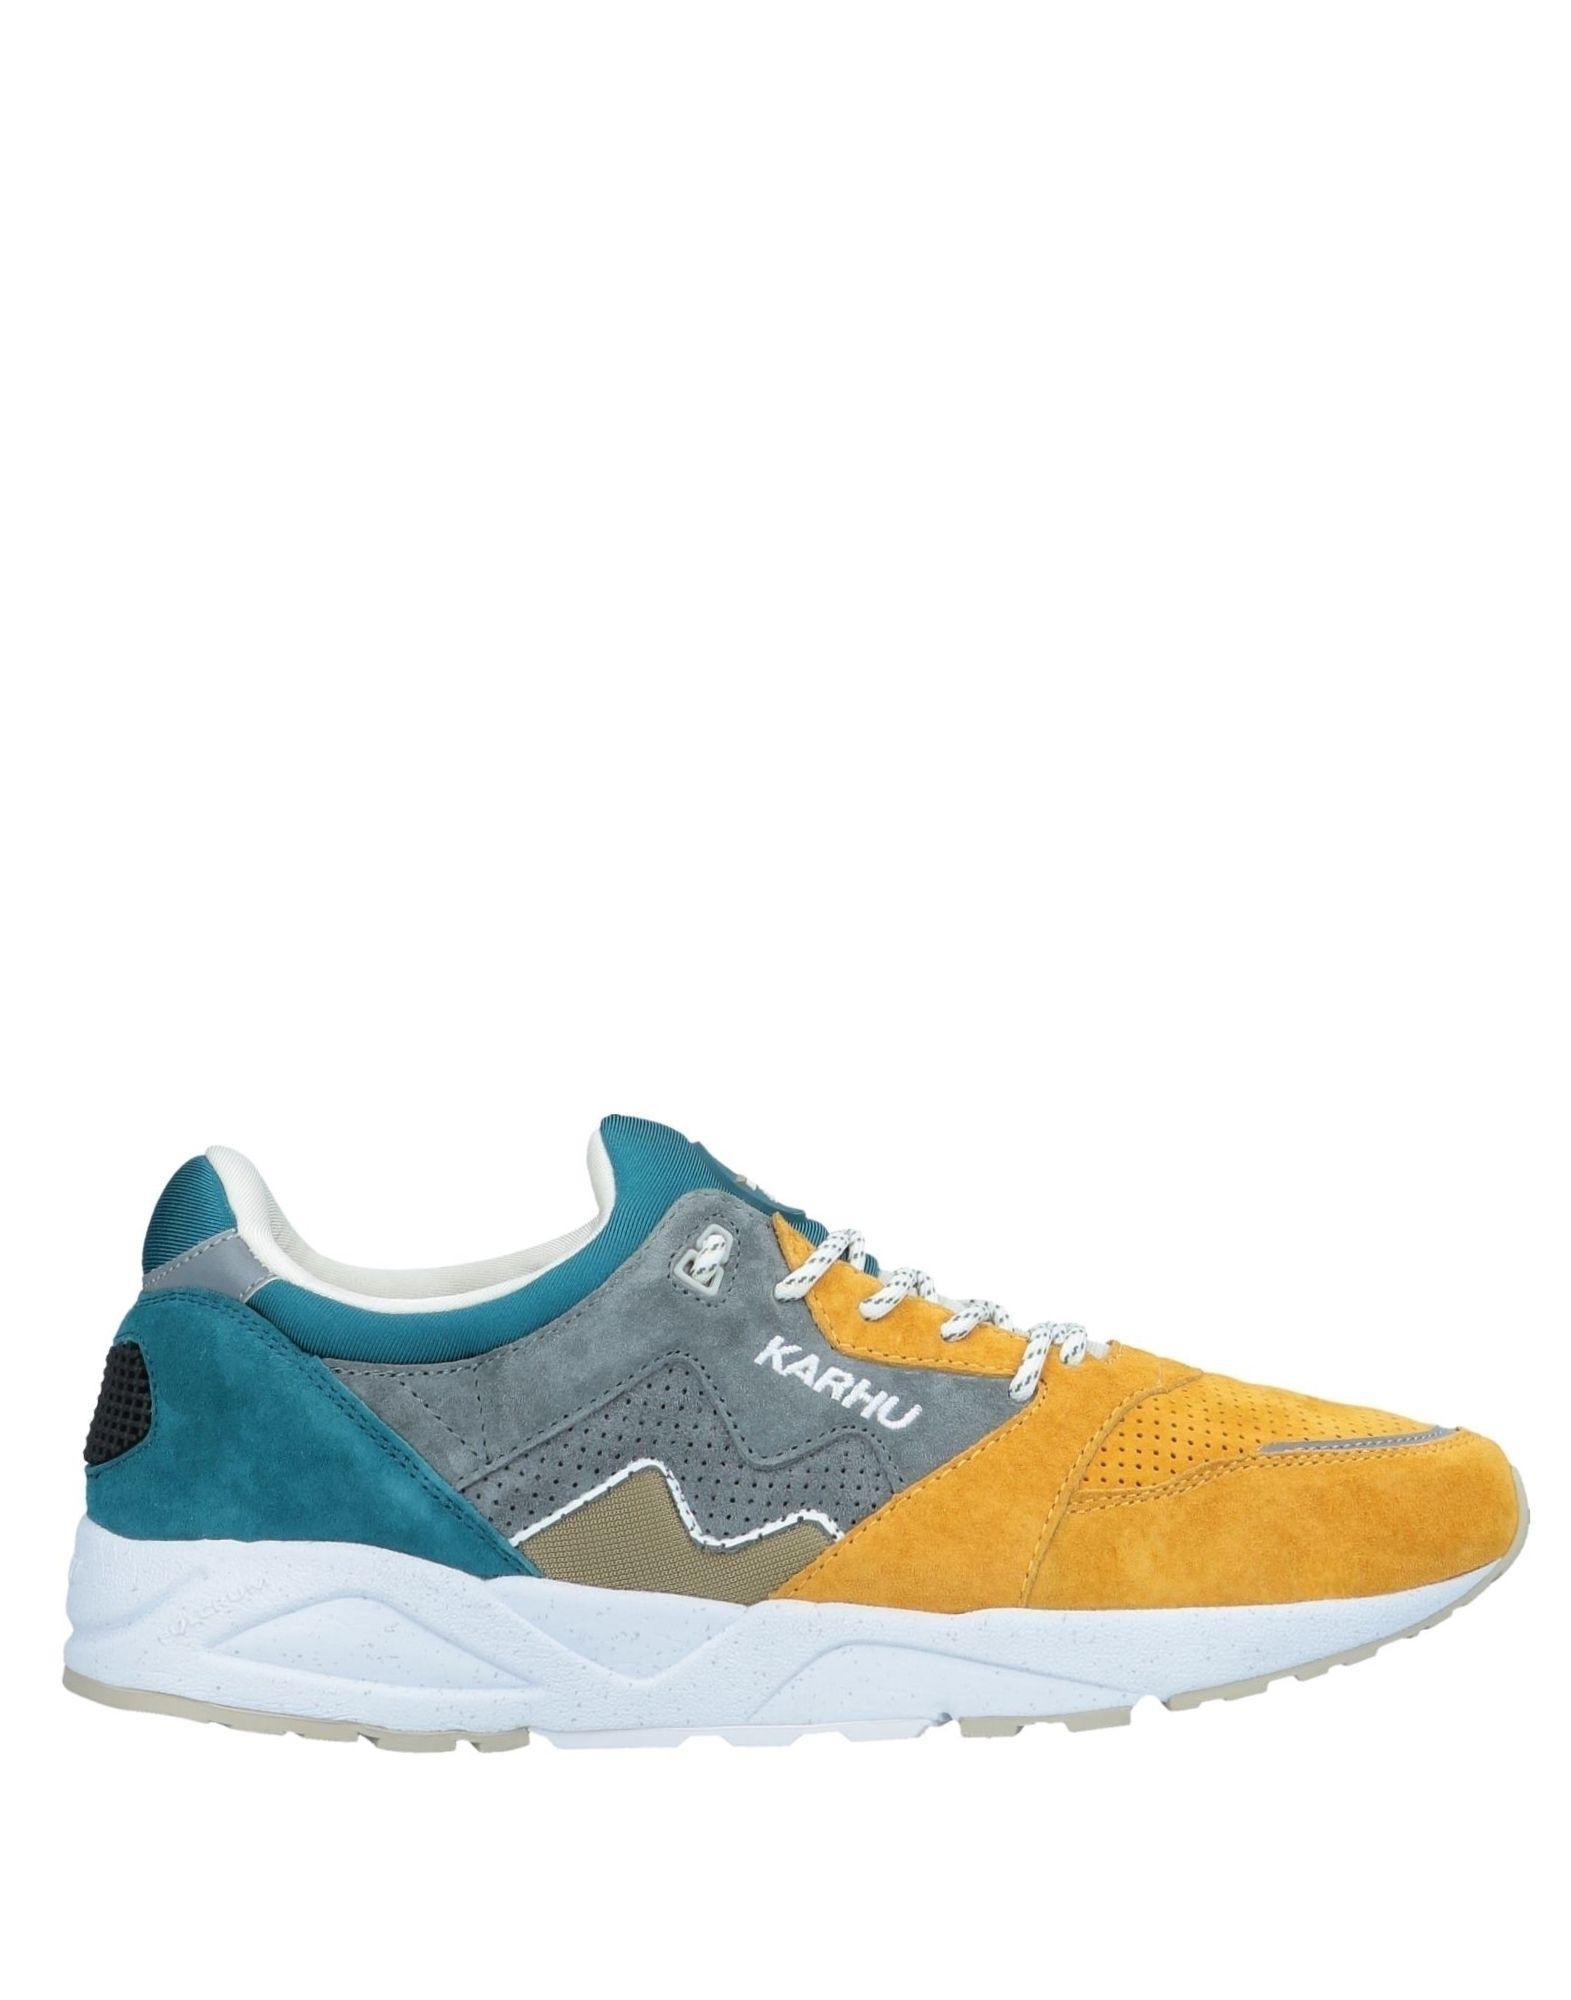 watch 9d669 d1dd5 Sneakers in Yellow